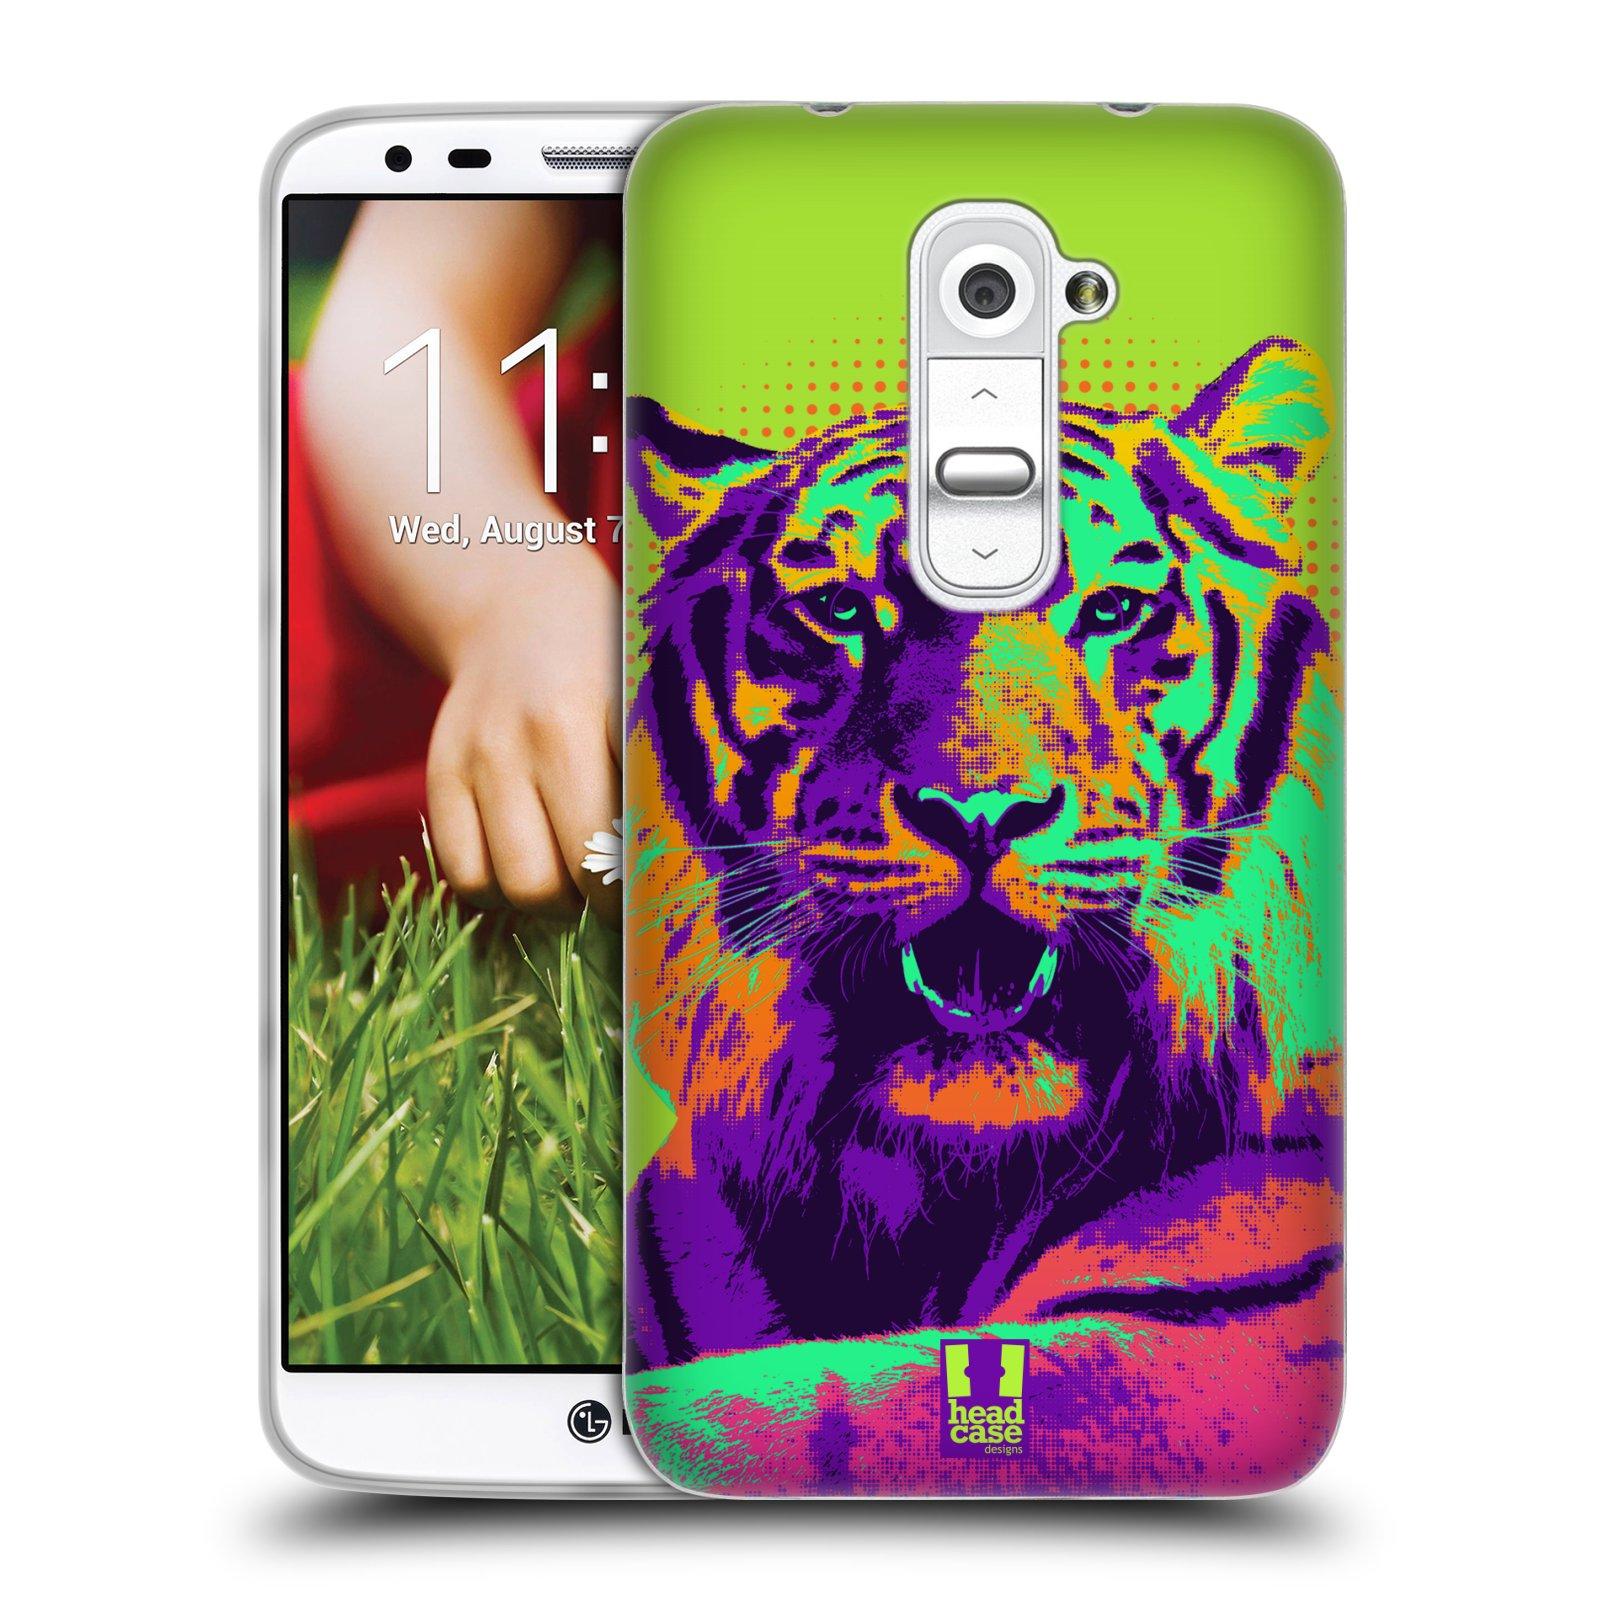 Silikonové pouzdro na mobil LG G2 HEAD CASE POP PRINT TYGR (Silikonový kryt či obal na mobilní telefon LG G2 D802)